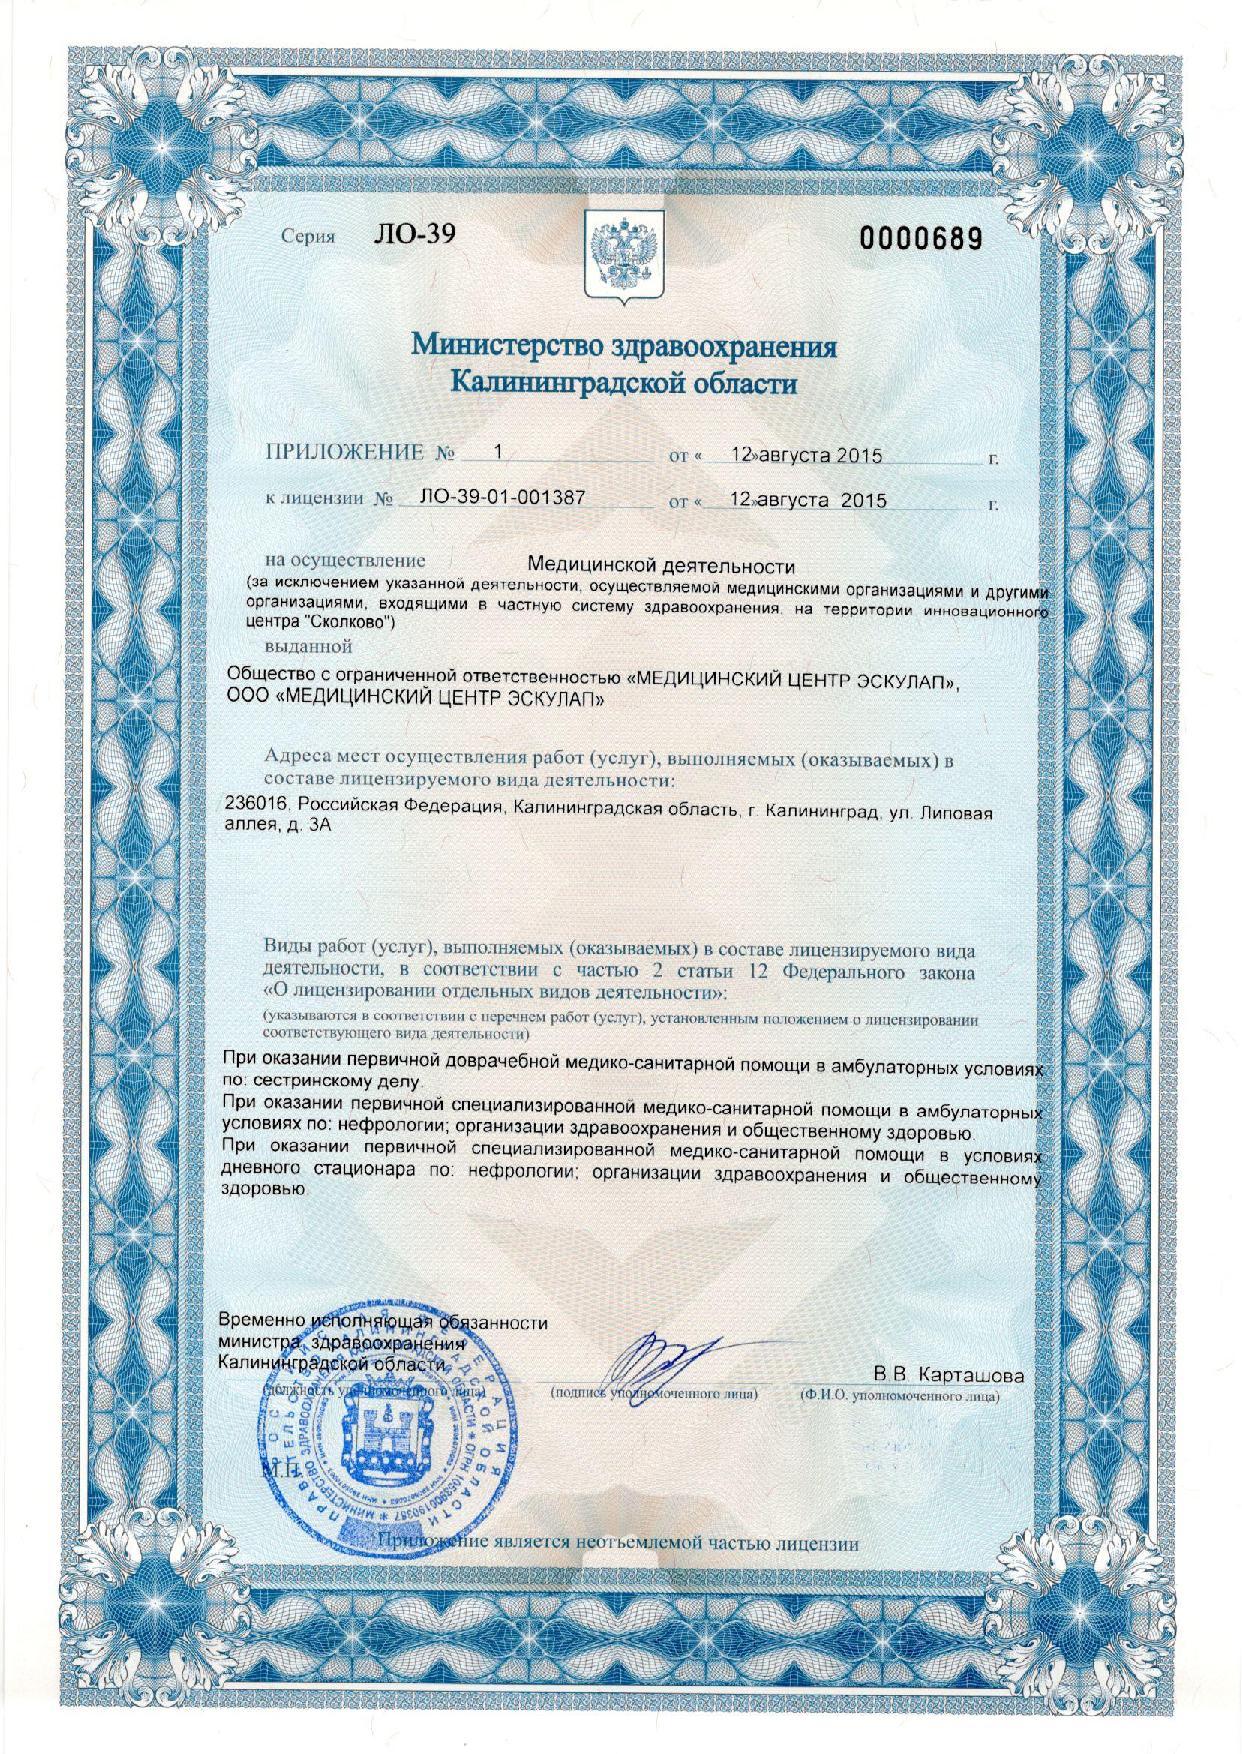 Лицензия медицинского центра Эскулап